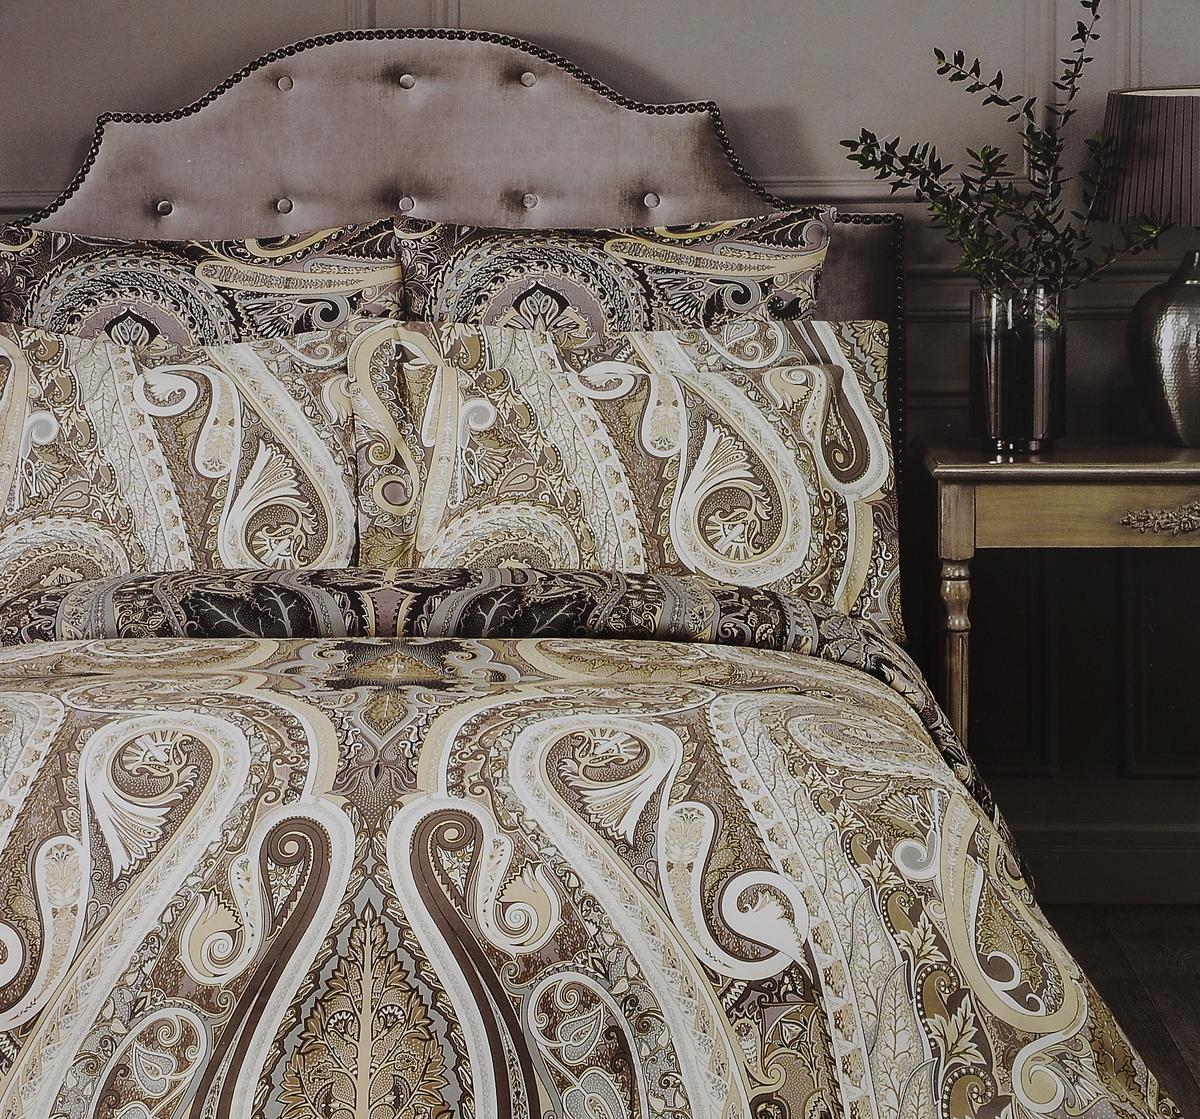 Комплект белья Togas Амрита, семейный, наволочки 50x70391602Комплект постельного белья Togas Амрита, выполненный из 100% тенселя, состоит из 2 пододеяльников, простыни и 2 наволочек. Изделия имеют классический крой и декорированы ярким принтом. Тенсель - материал натурального происхождения, который изготавливают из древесины австралийского эвкалипта и подвергают нанообработке. Комплект постельного белья Togas Амрита гармонично впишется в интерьер вашей спальни и создаст атмосферу уюта и комфорта.